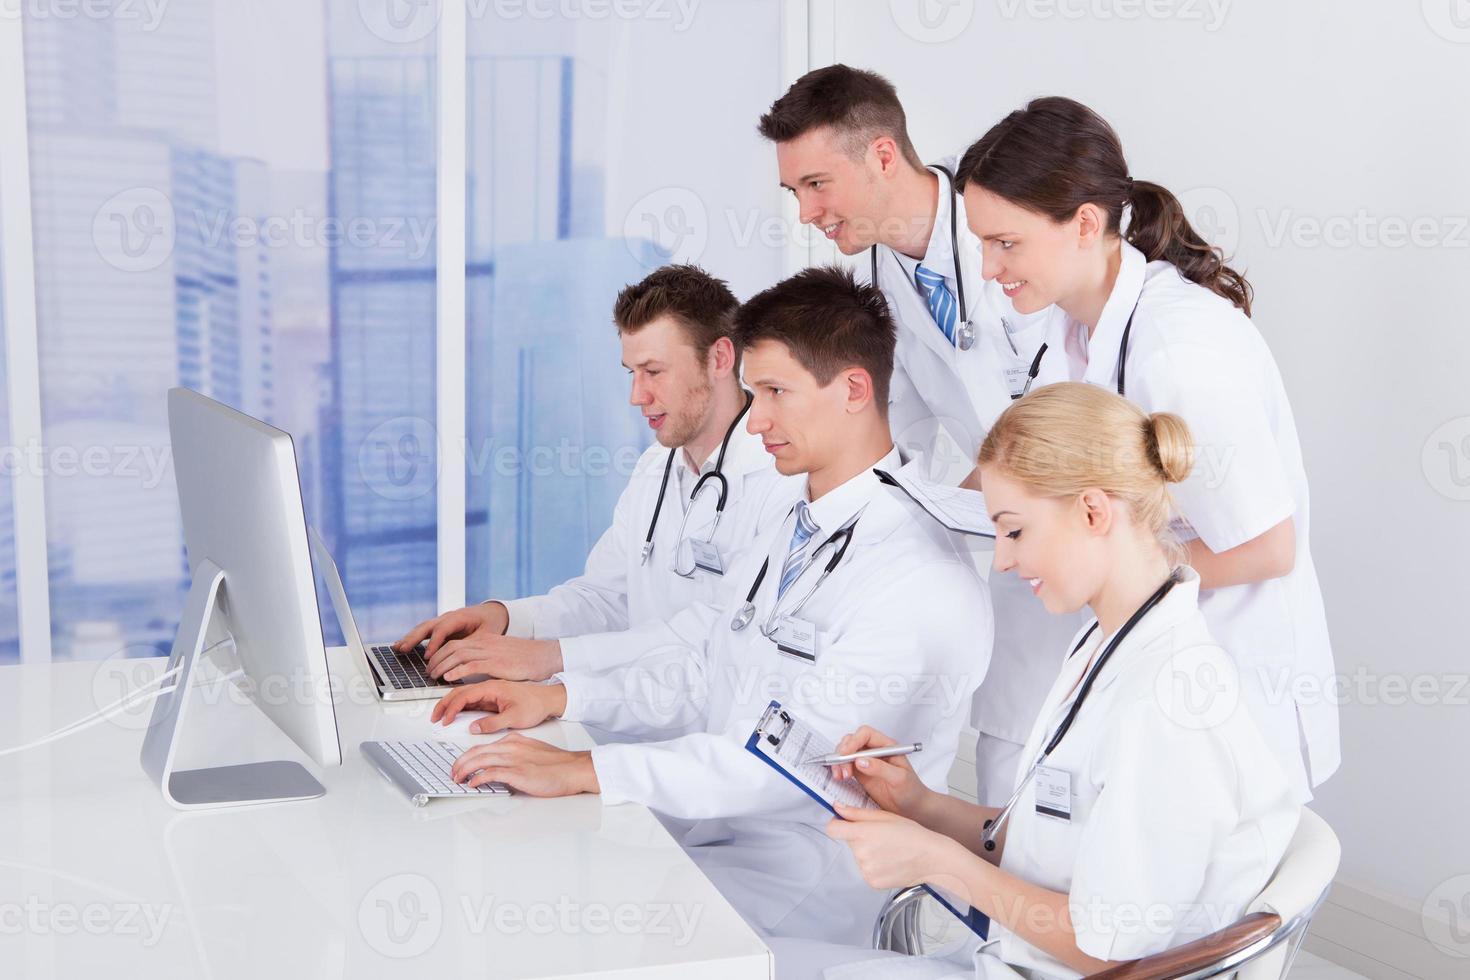 médicos trabalhando juntos no computador no hospital foto